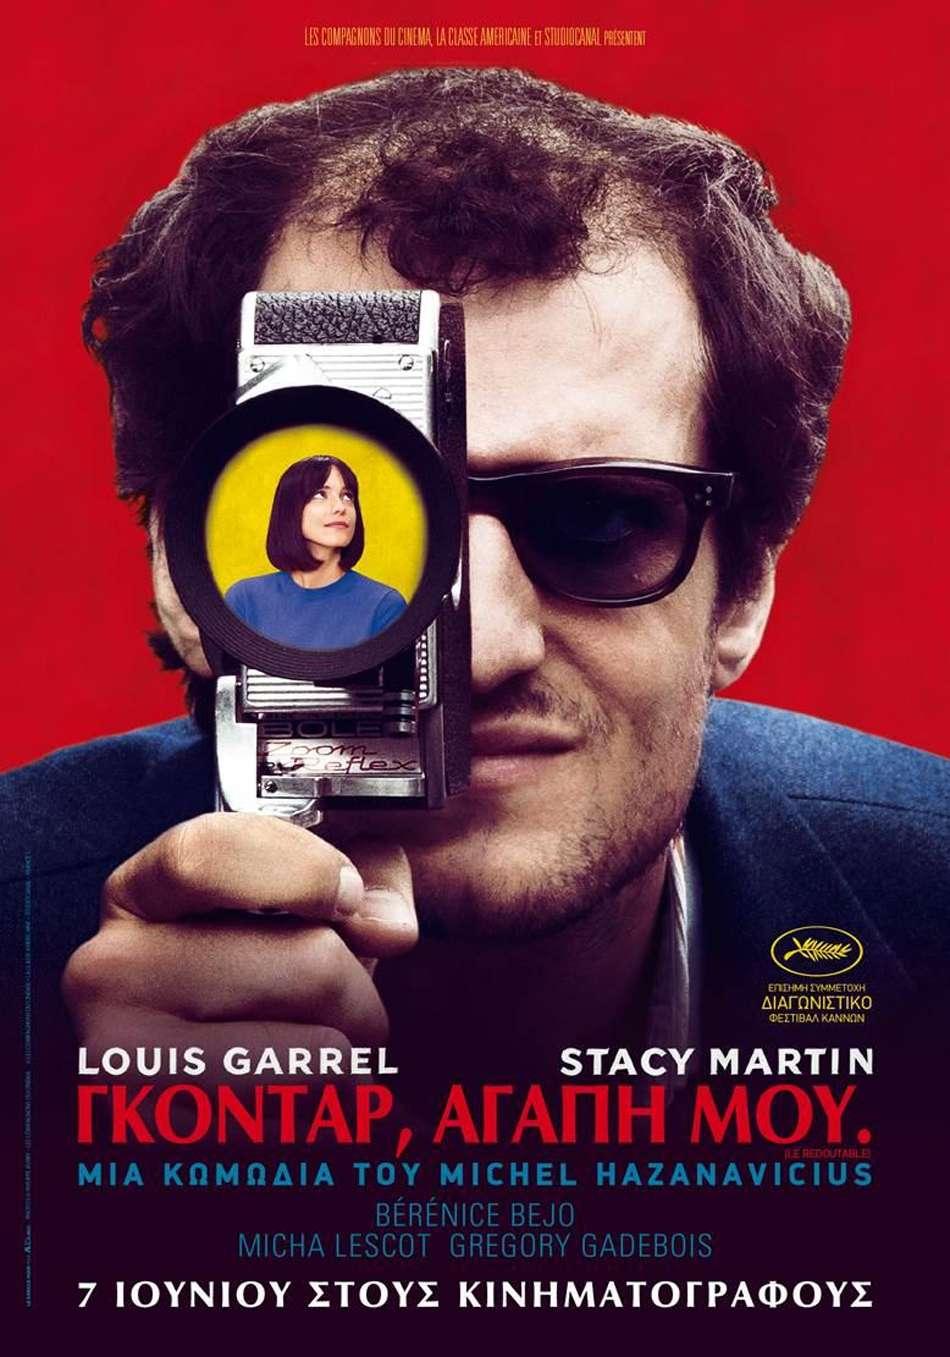 Γκοντάρ, Αγάπη μου (Le Redoutable) Poster Πόστερ